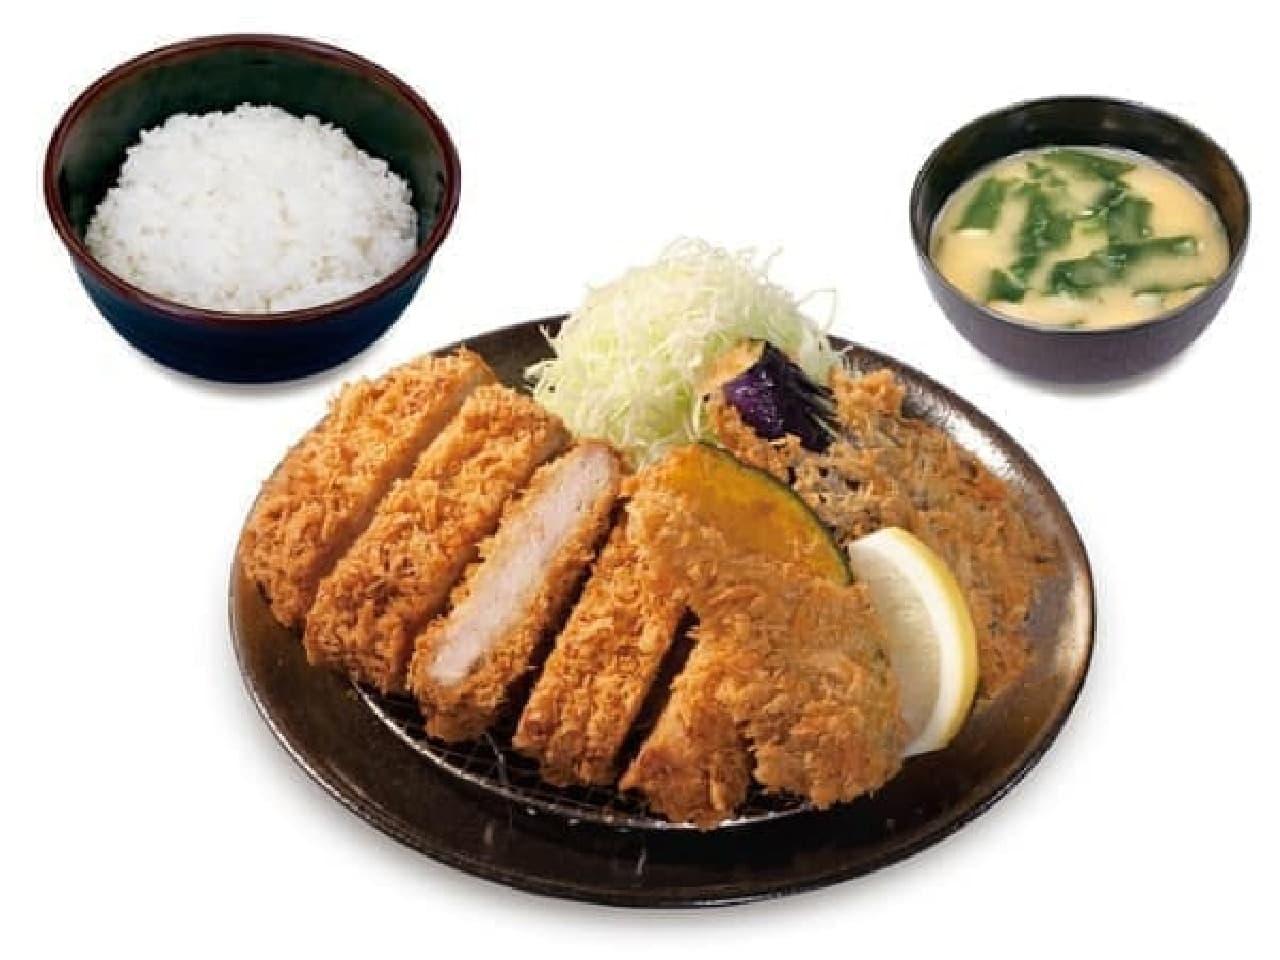 松のや新メニュー「野菜フライ2点盛合わせ定食」